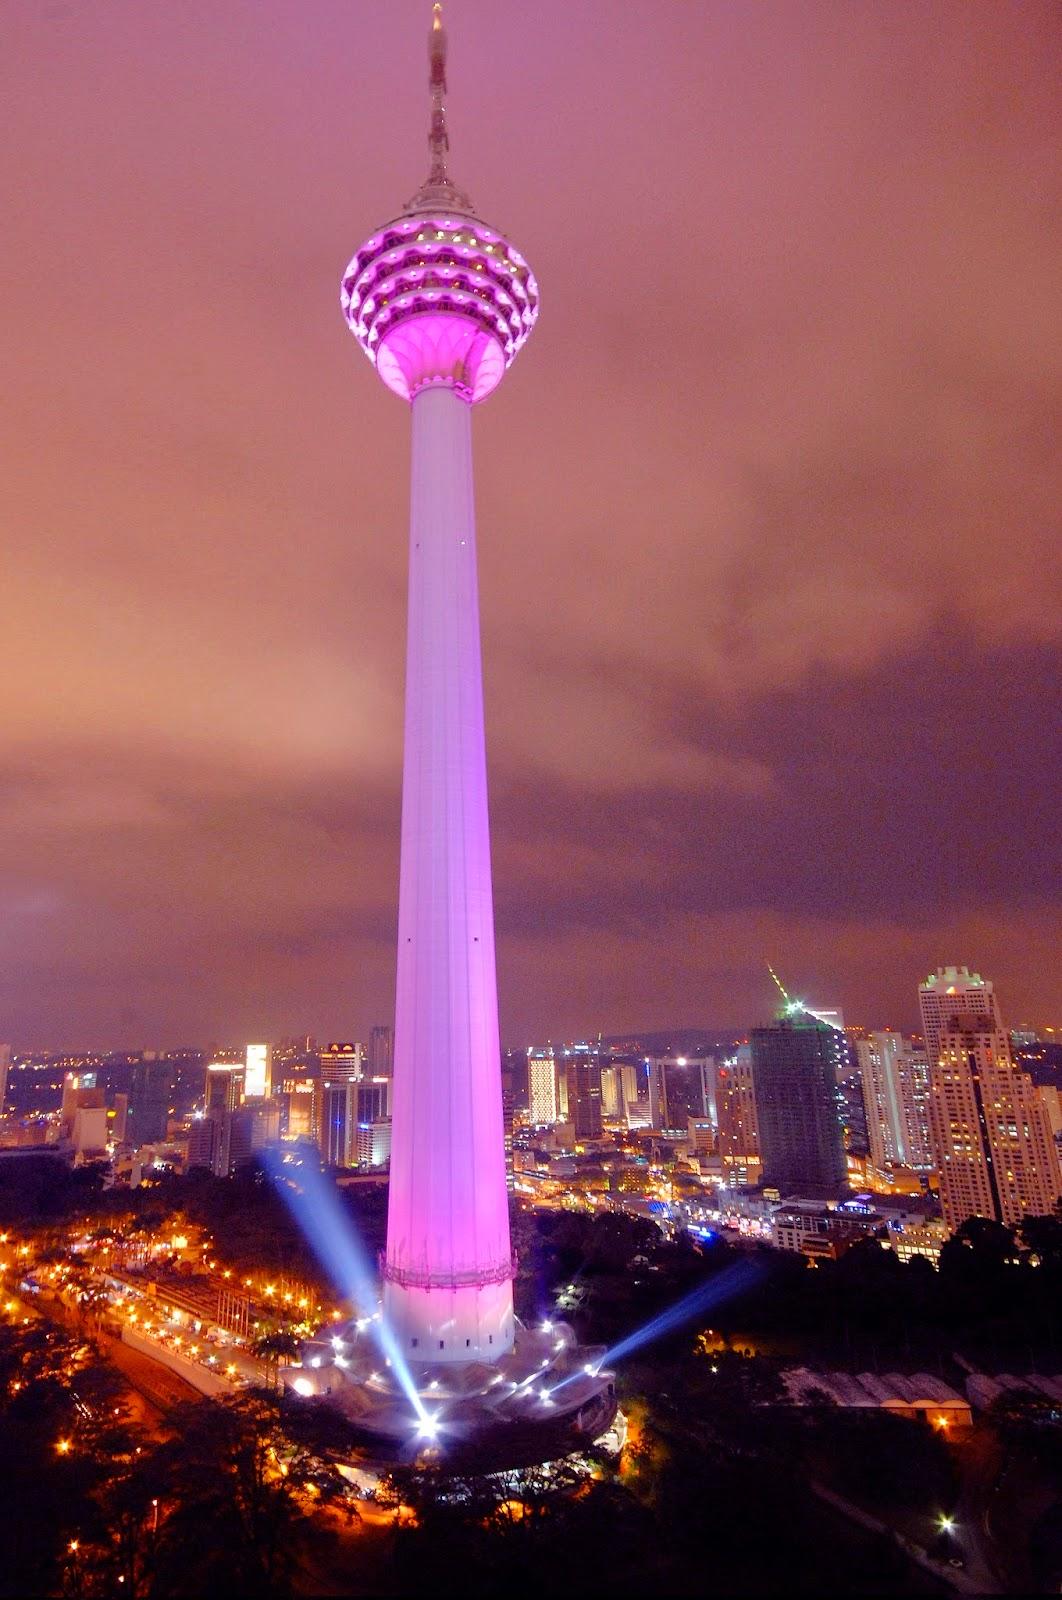 Xem chương trình du lịch tương tác trực tuyến của KingGo mới biết có một Malaysia đẹp hút hồn tới vậy! - Ảnh 13.